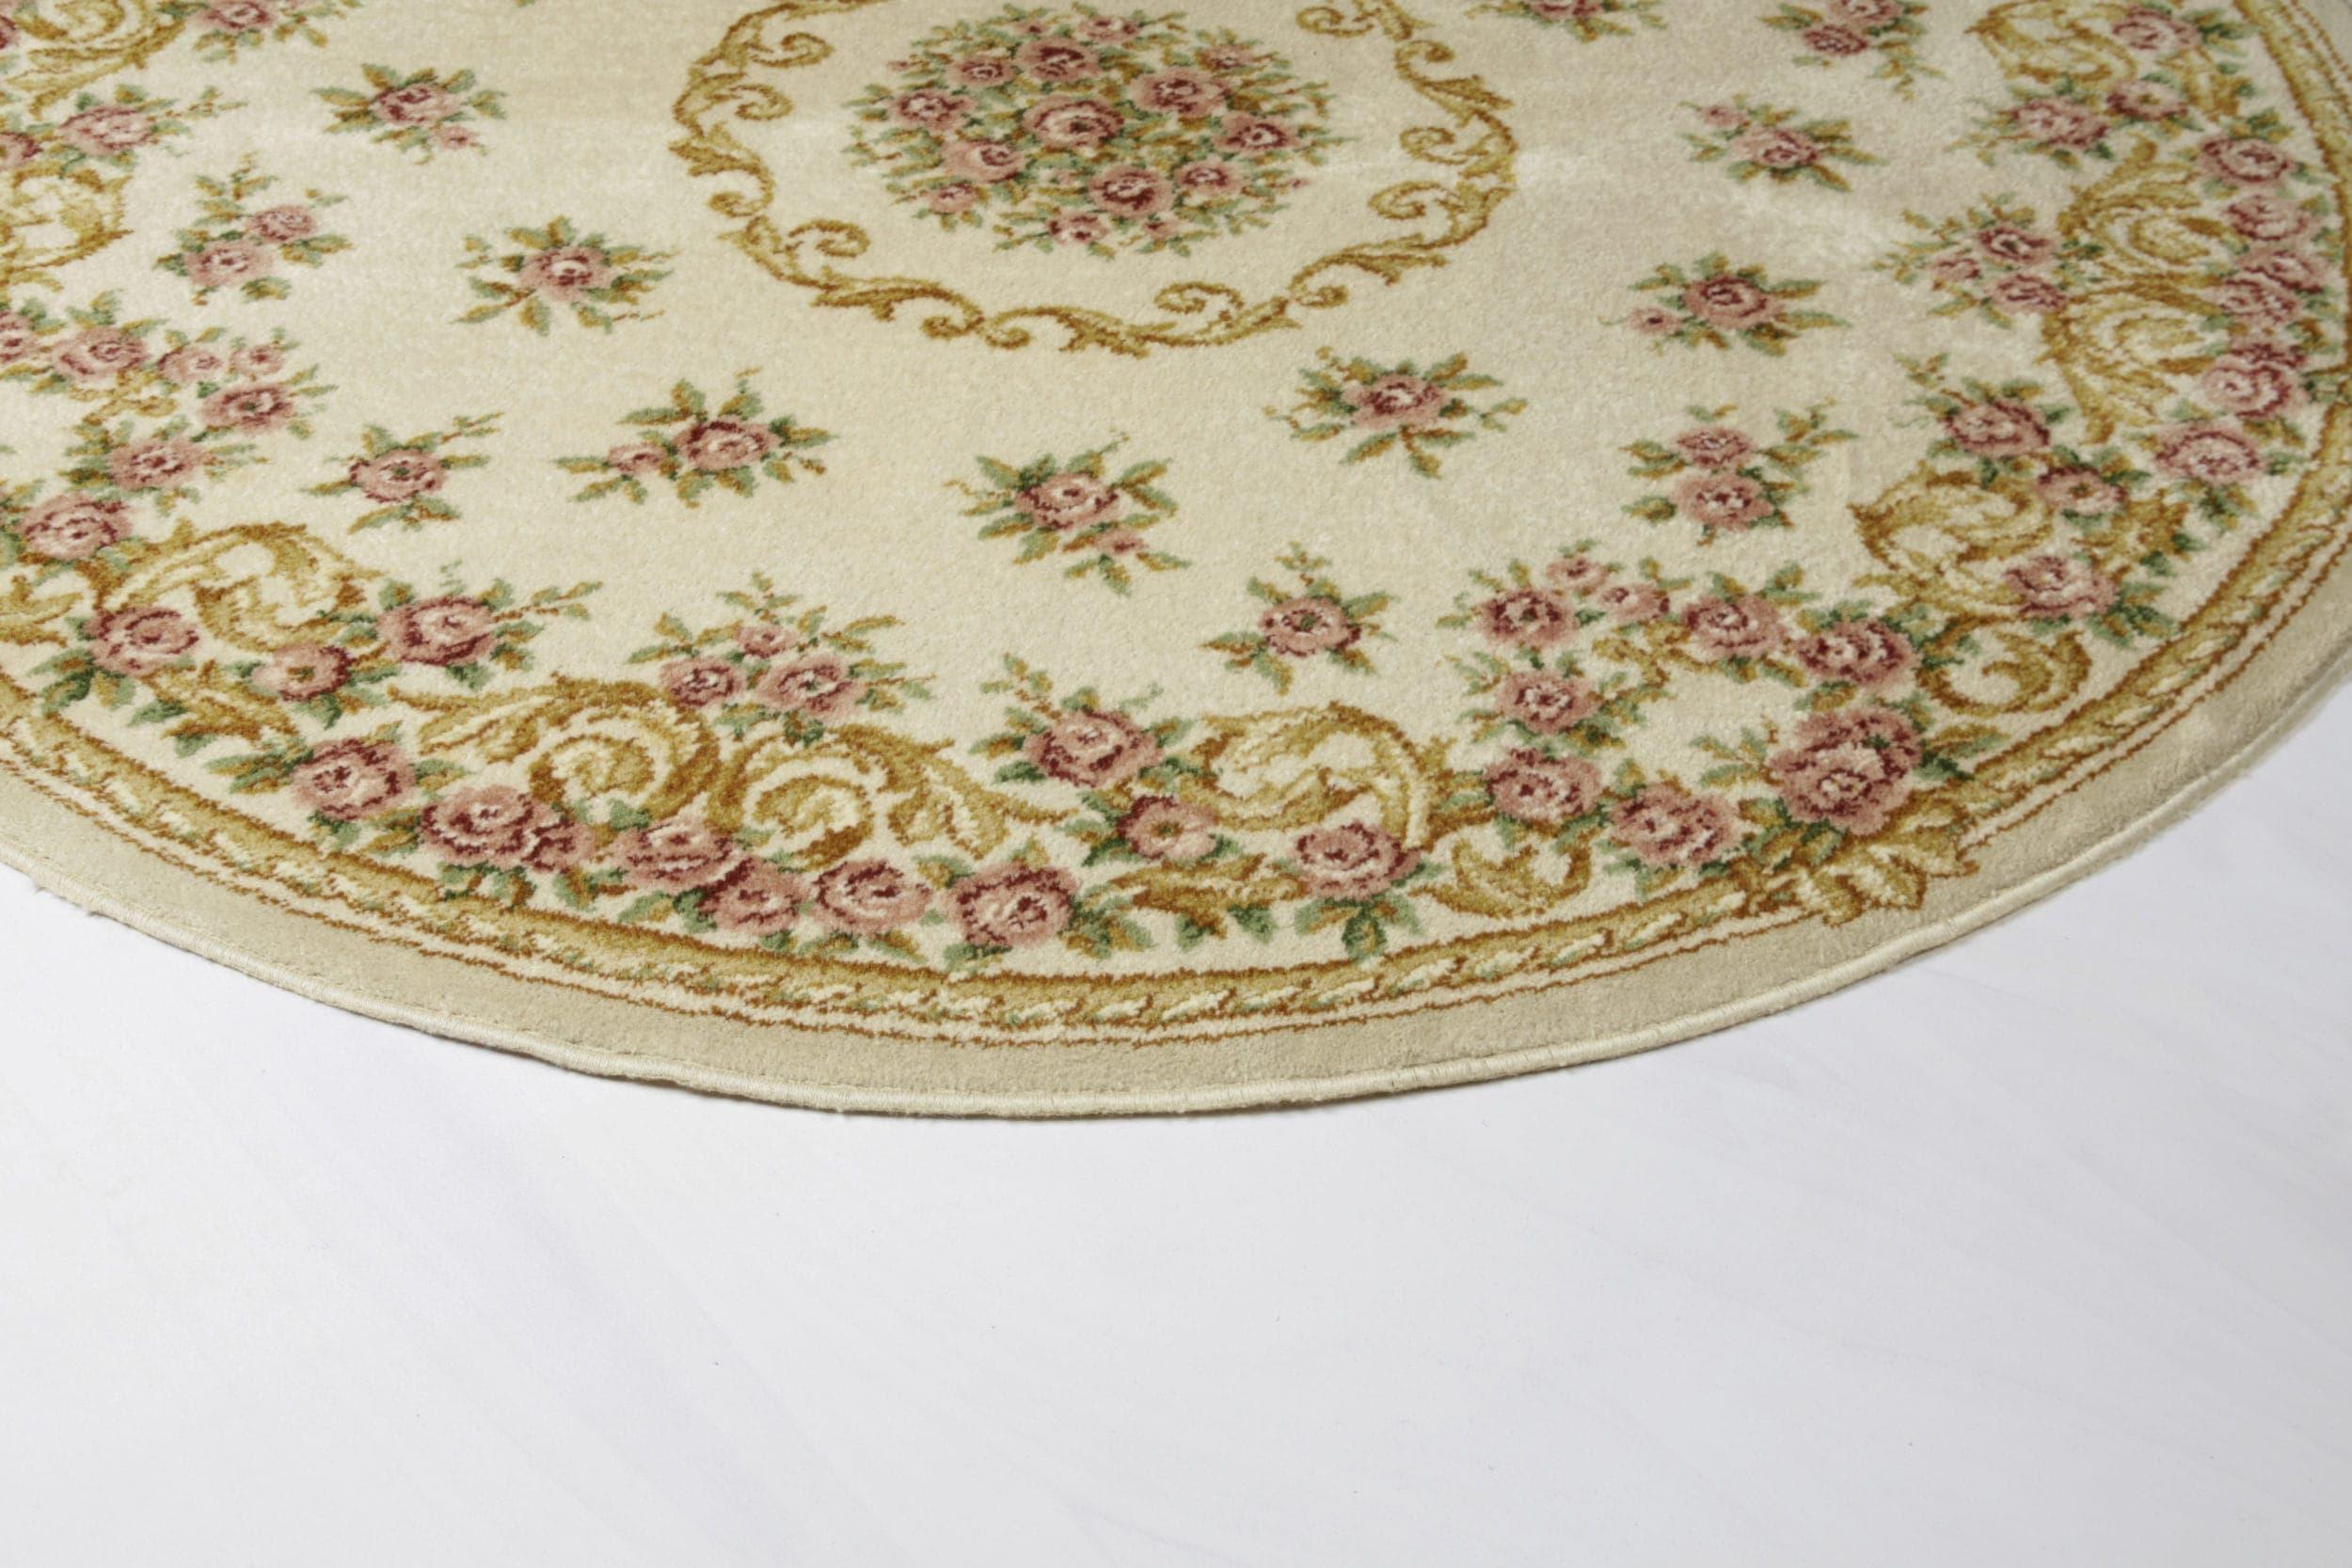 Runde Teppiche für Hochzeitszeremonien und Eventgestaltung